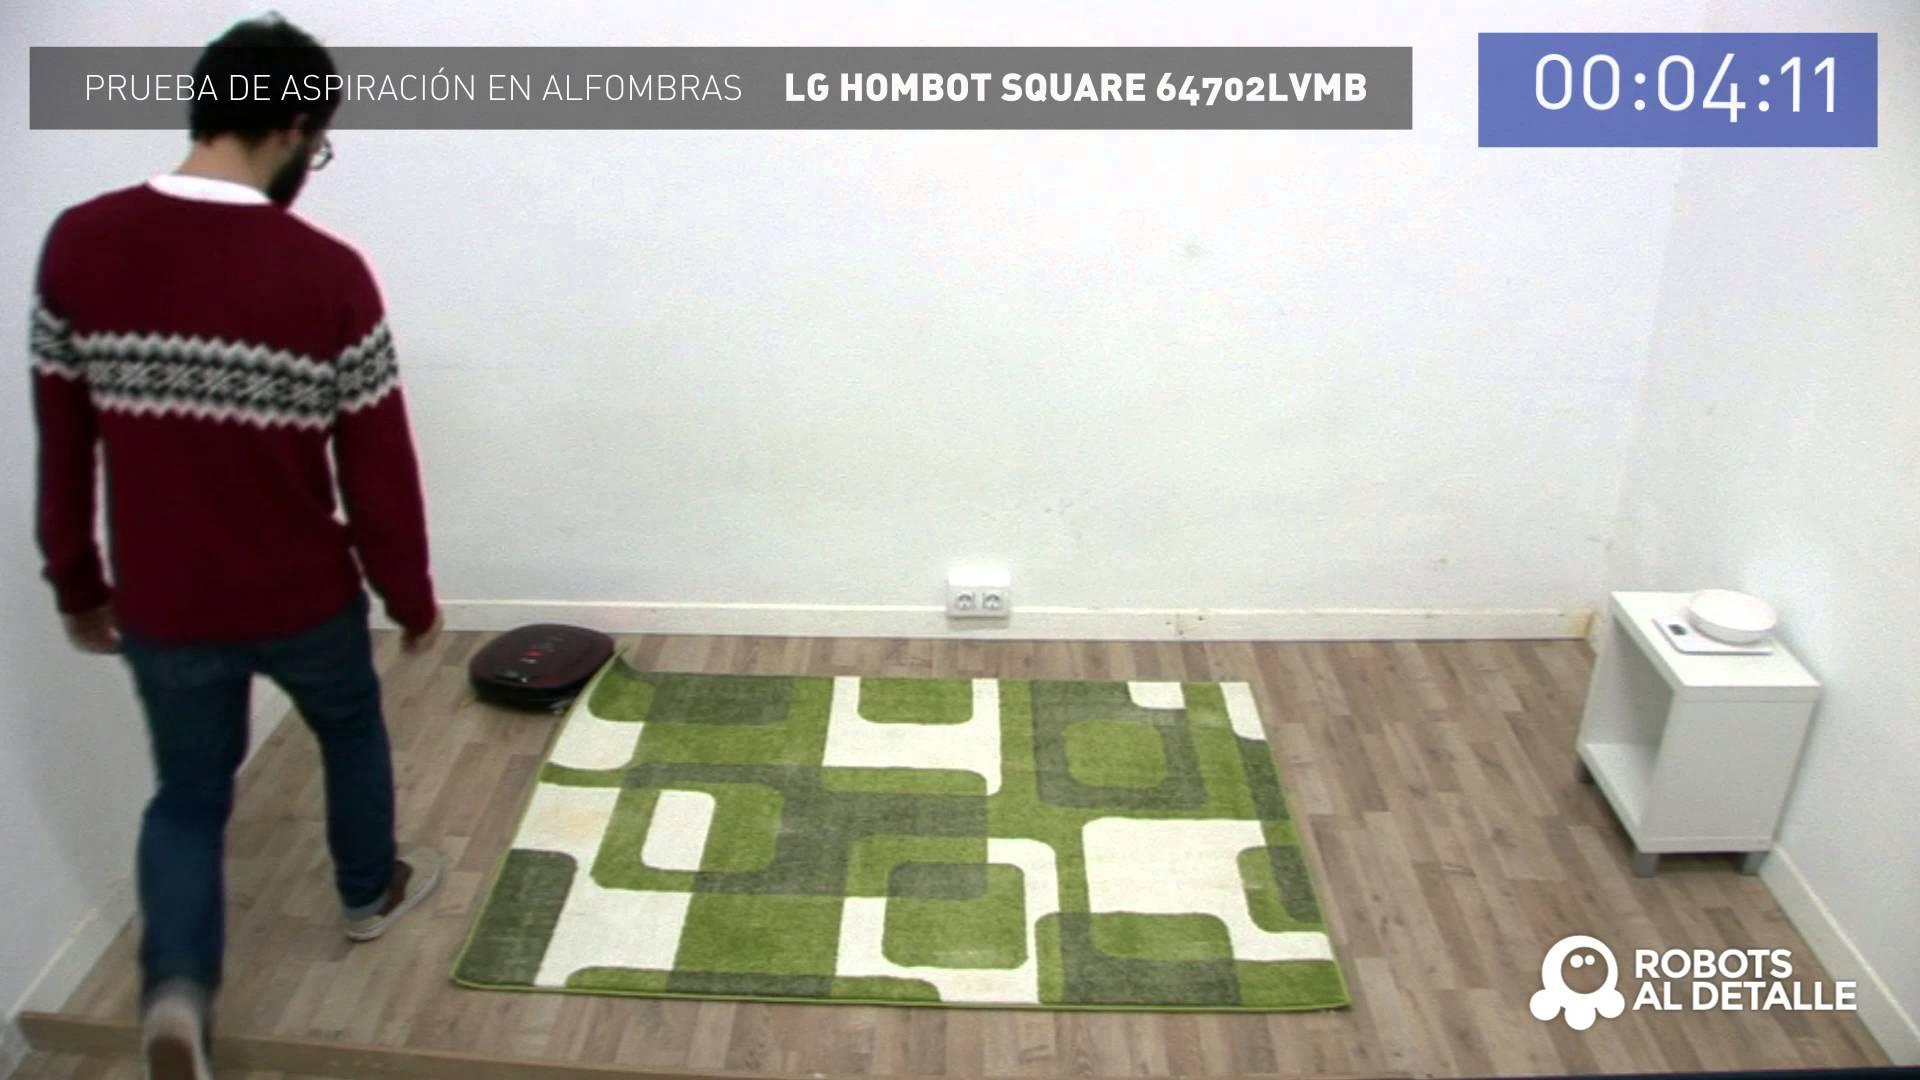 Un robot aspirador lg limpiando la alfombra - Robot aspirador alfombras ...